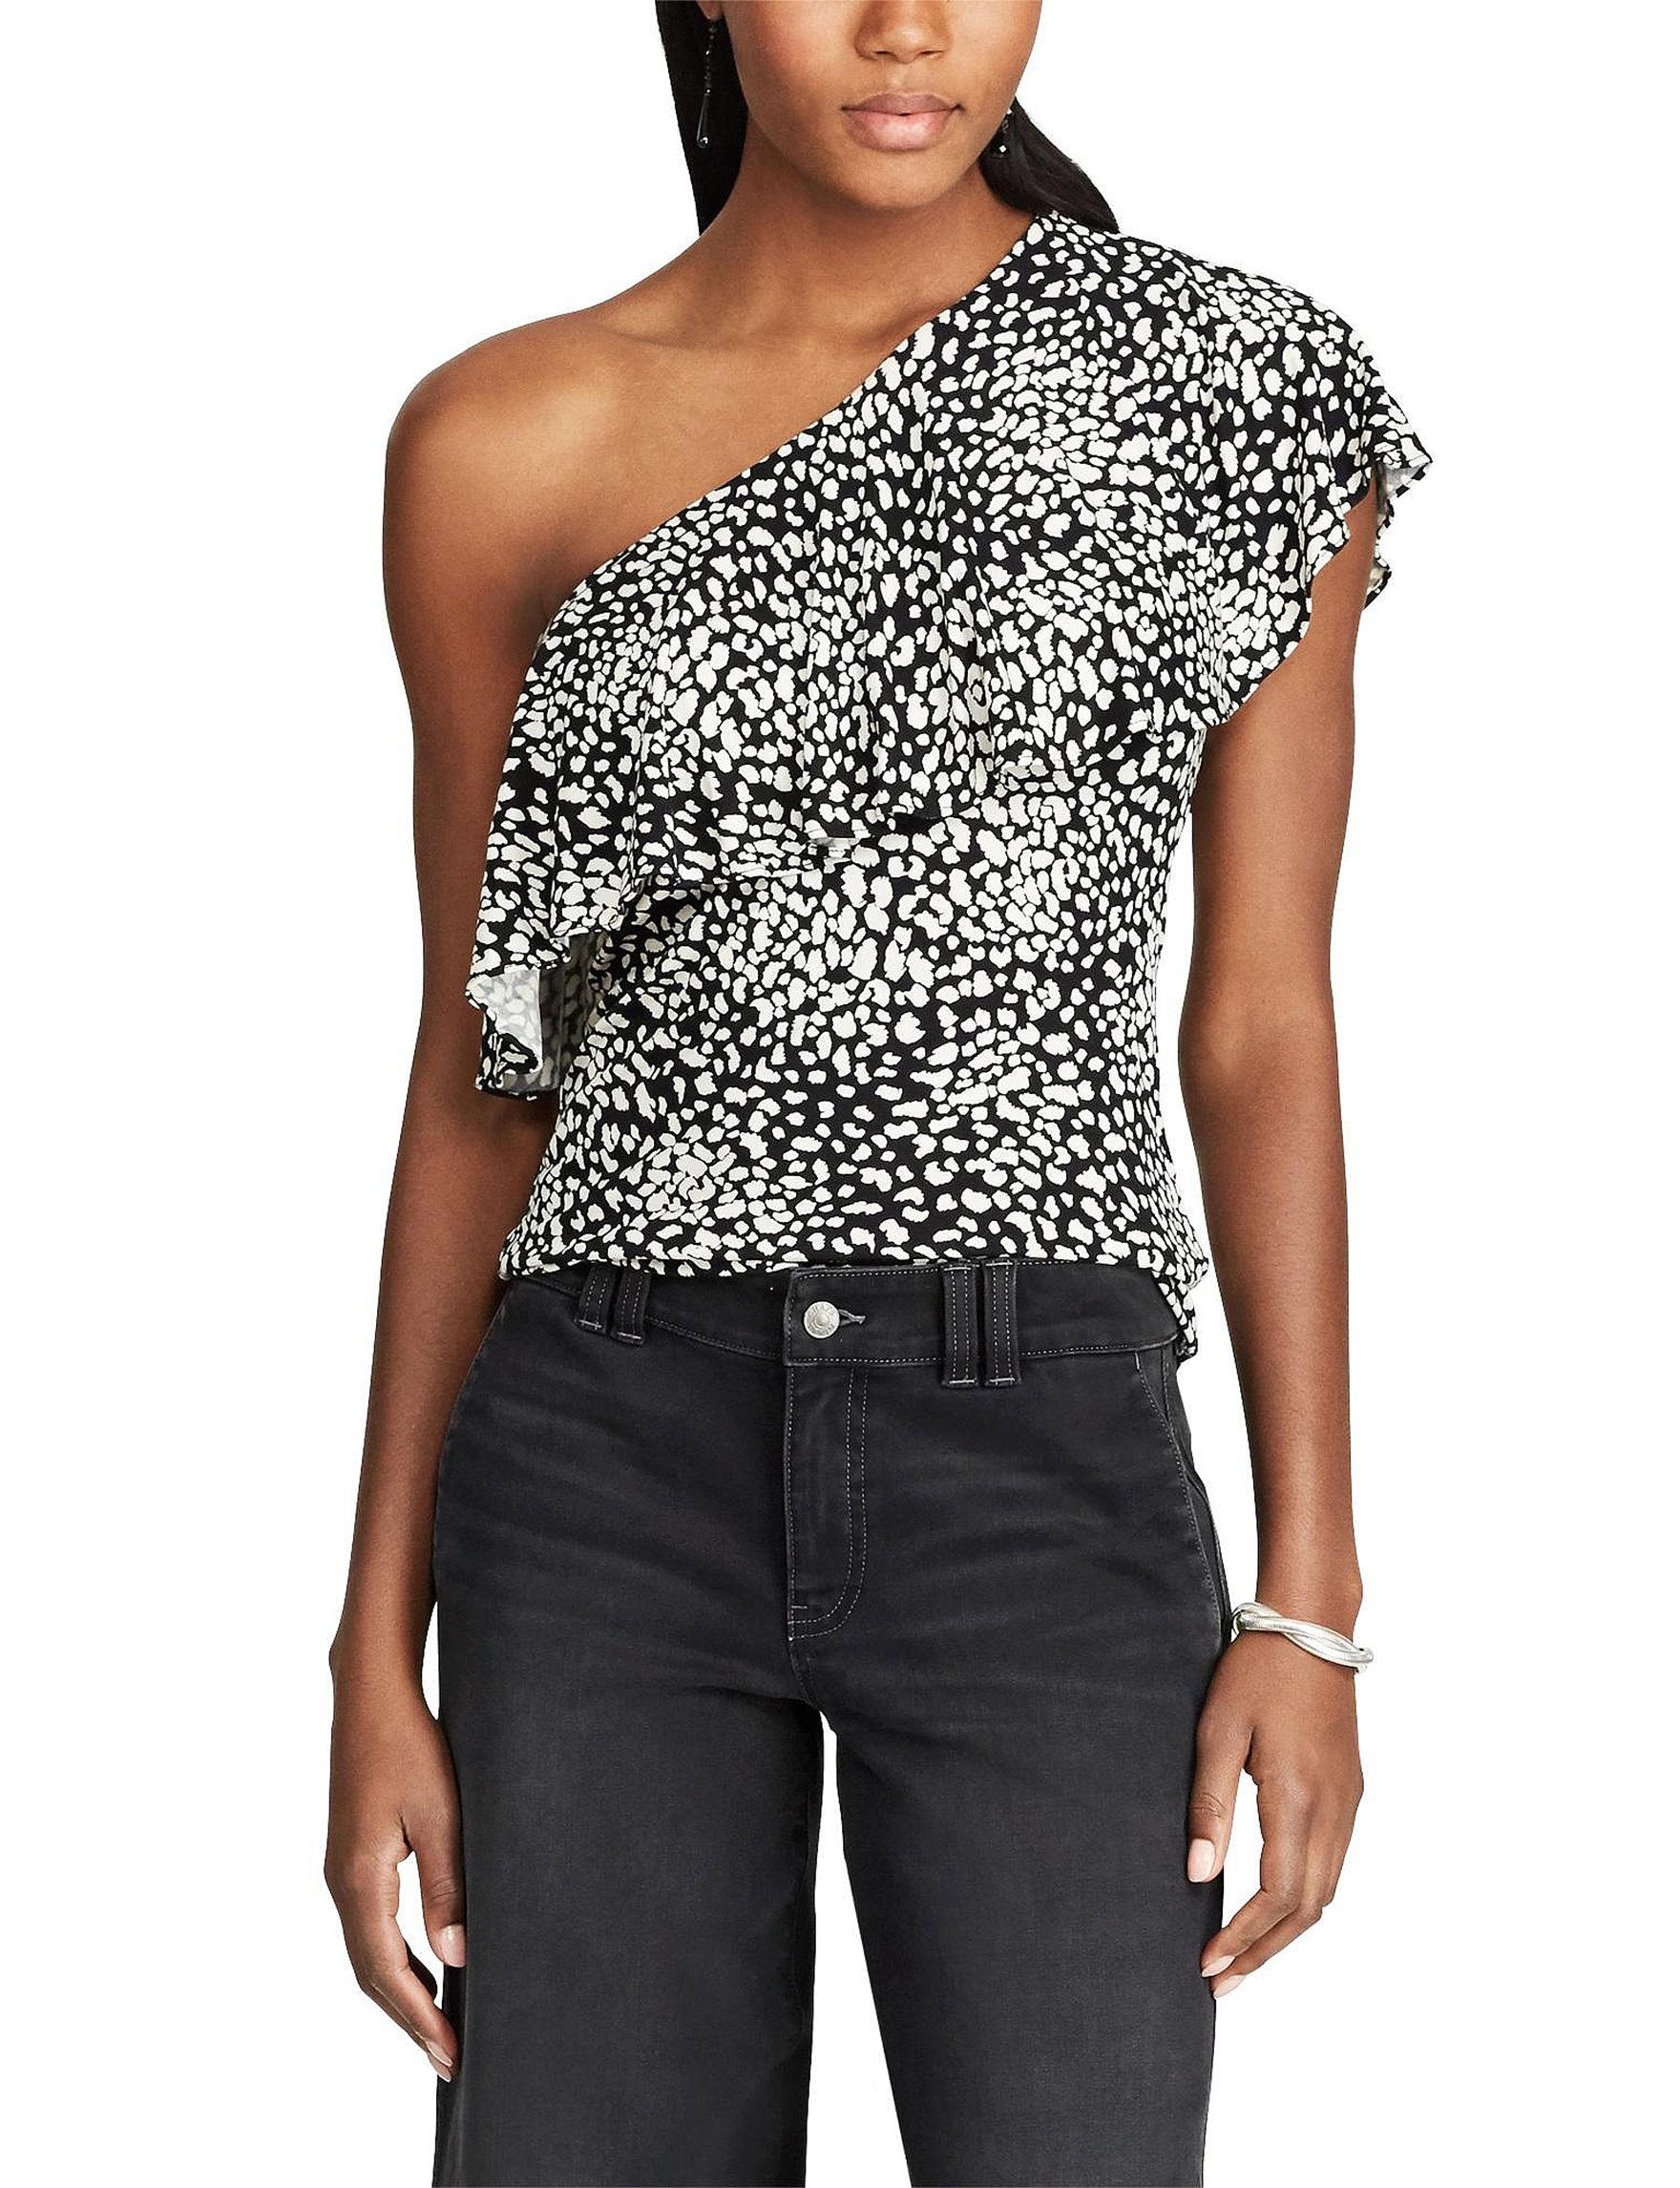 Chaps Black / White Shirts & Blouses